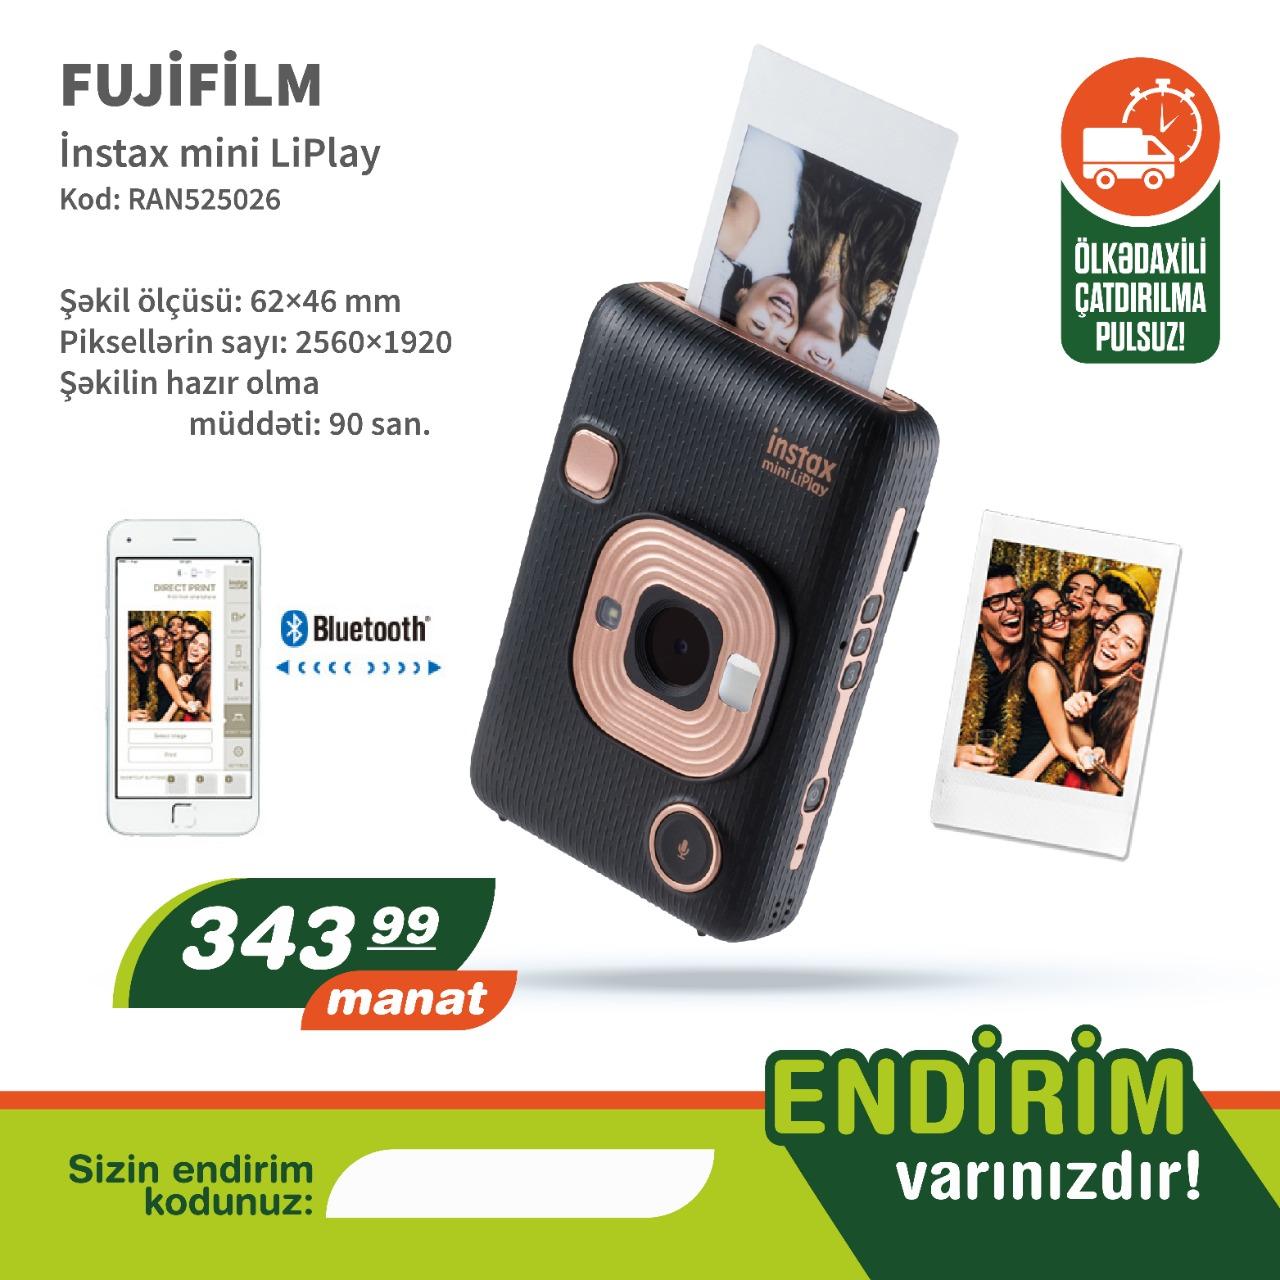 Mini Fotoaparat Şəkilin hazır olma müddəti: 90 san Şəkil